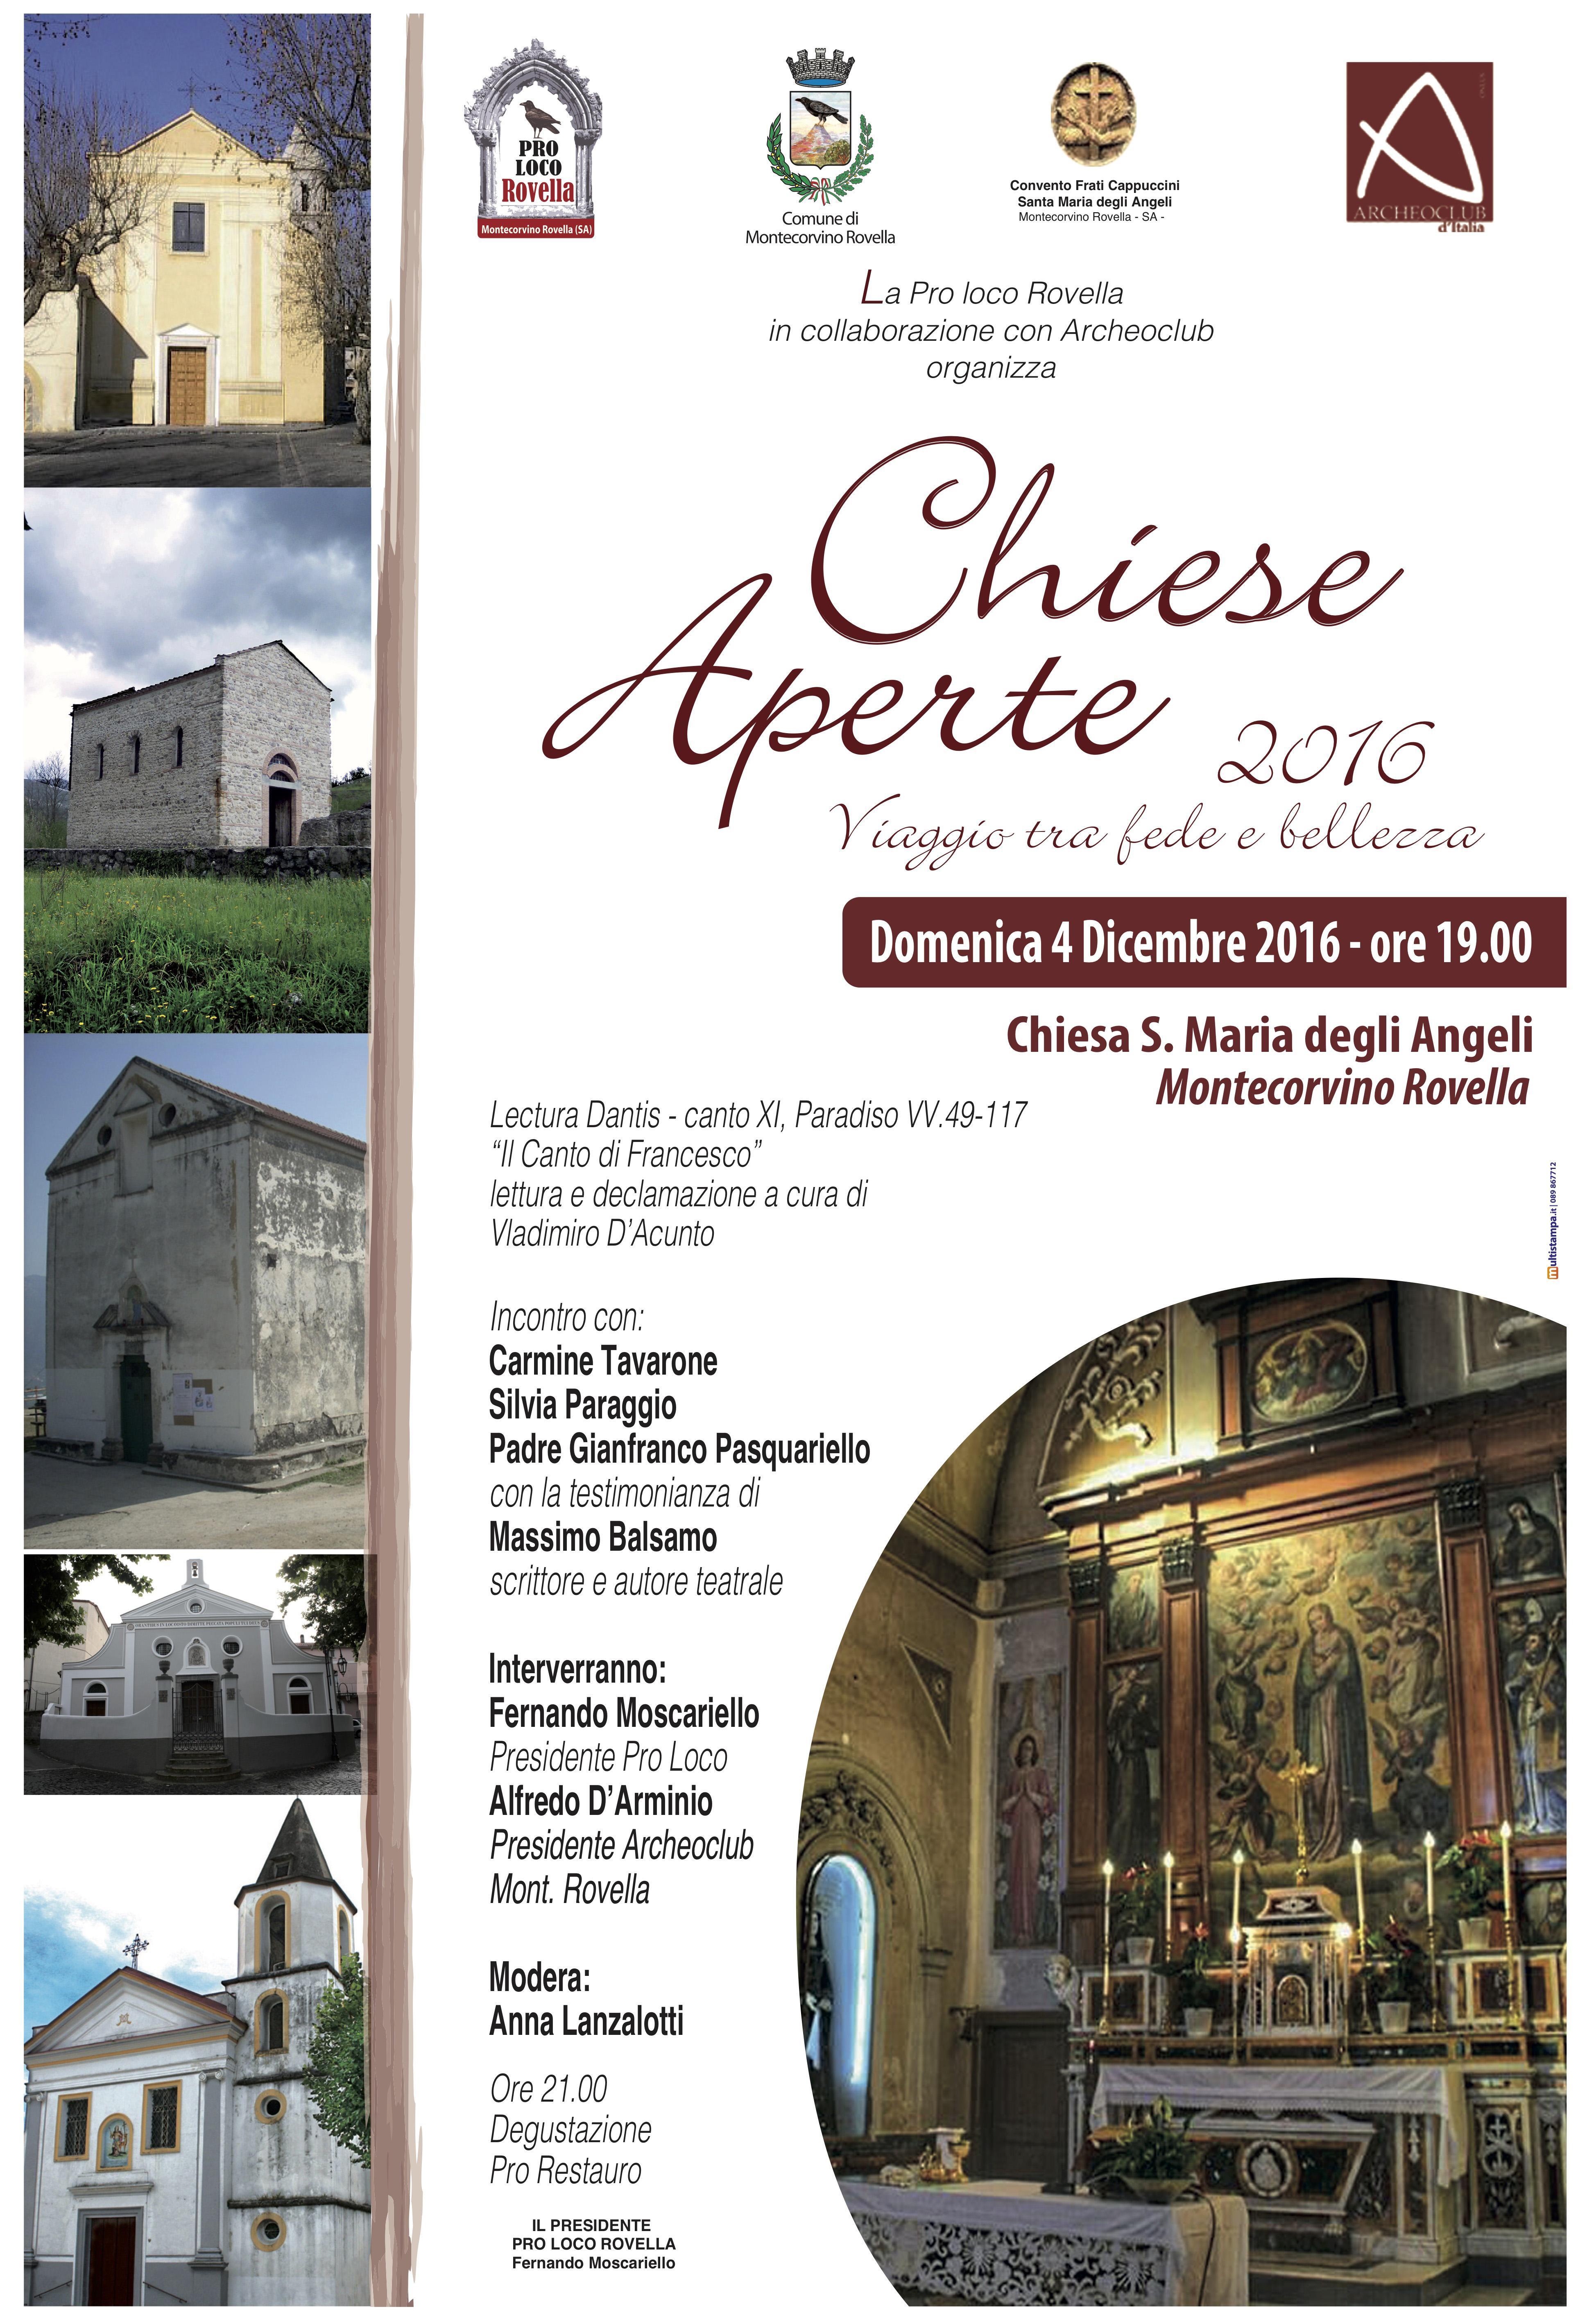 locandina-chiese-aperte-2016